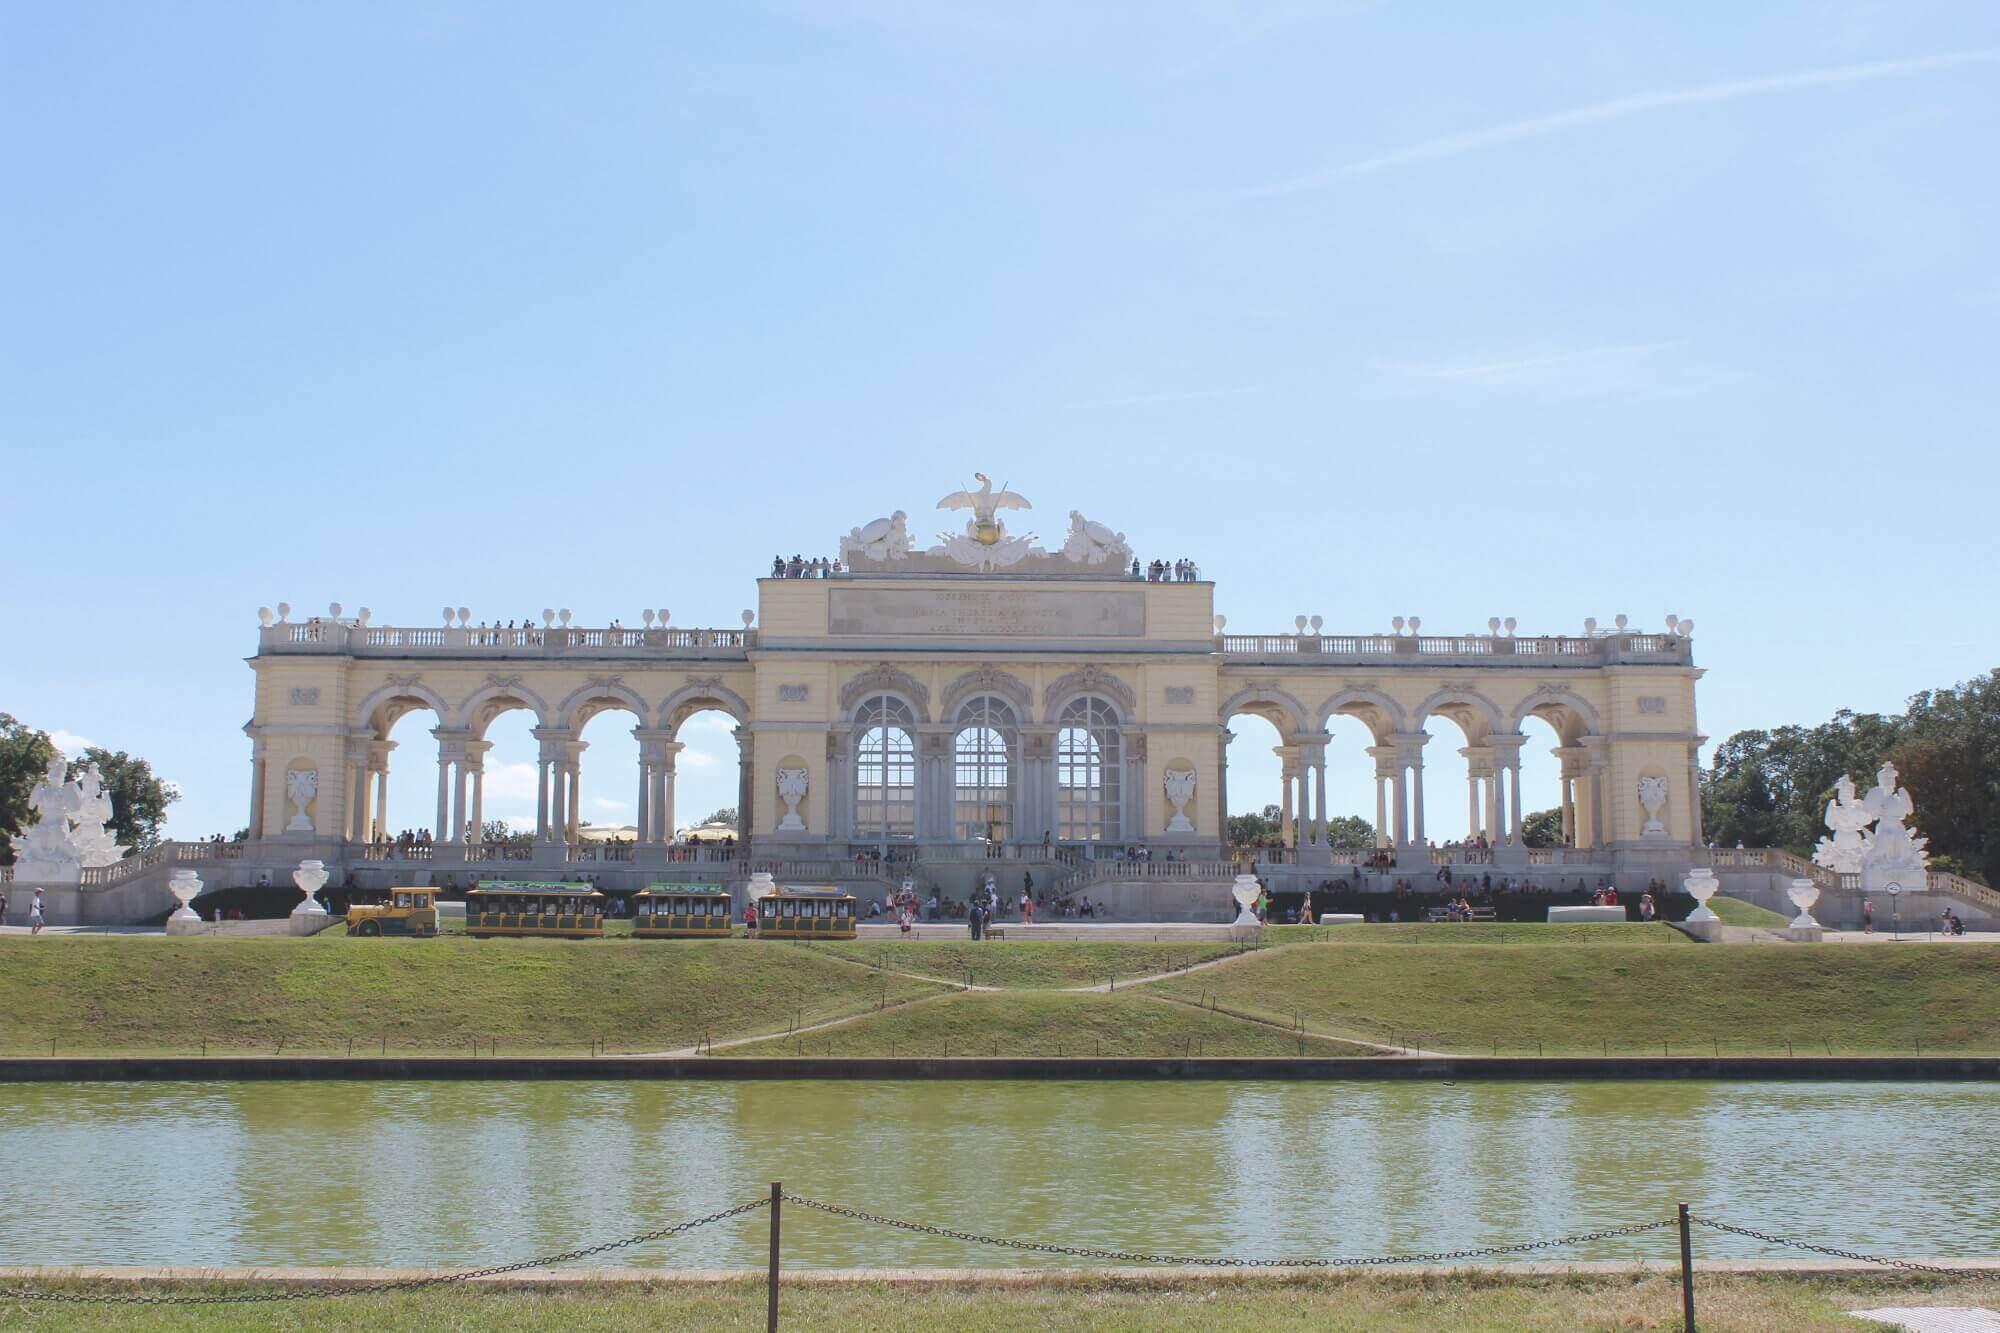 Blick auf Gloritte mit Teich im Schloss Schönbrunn in Wien